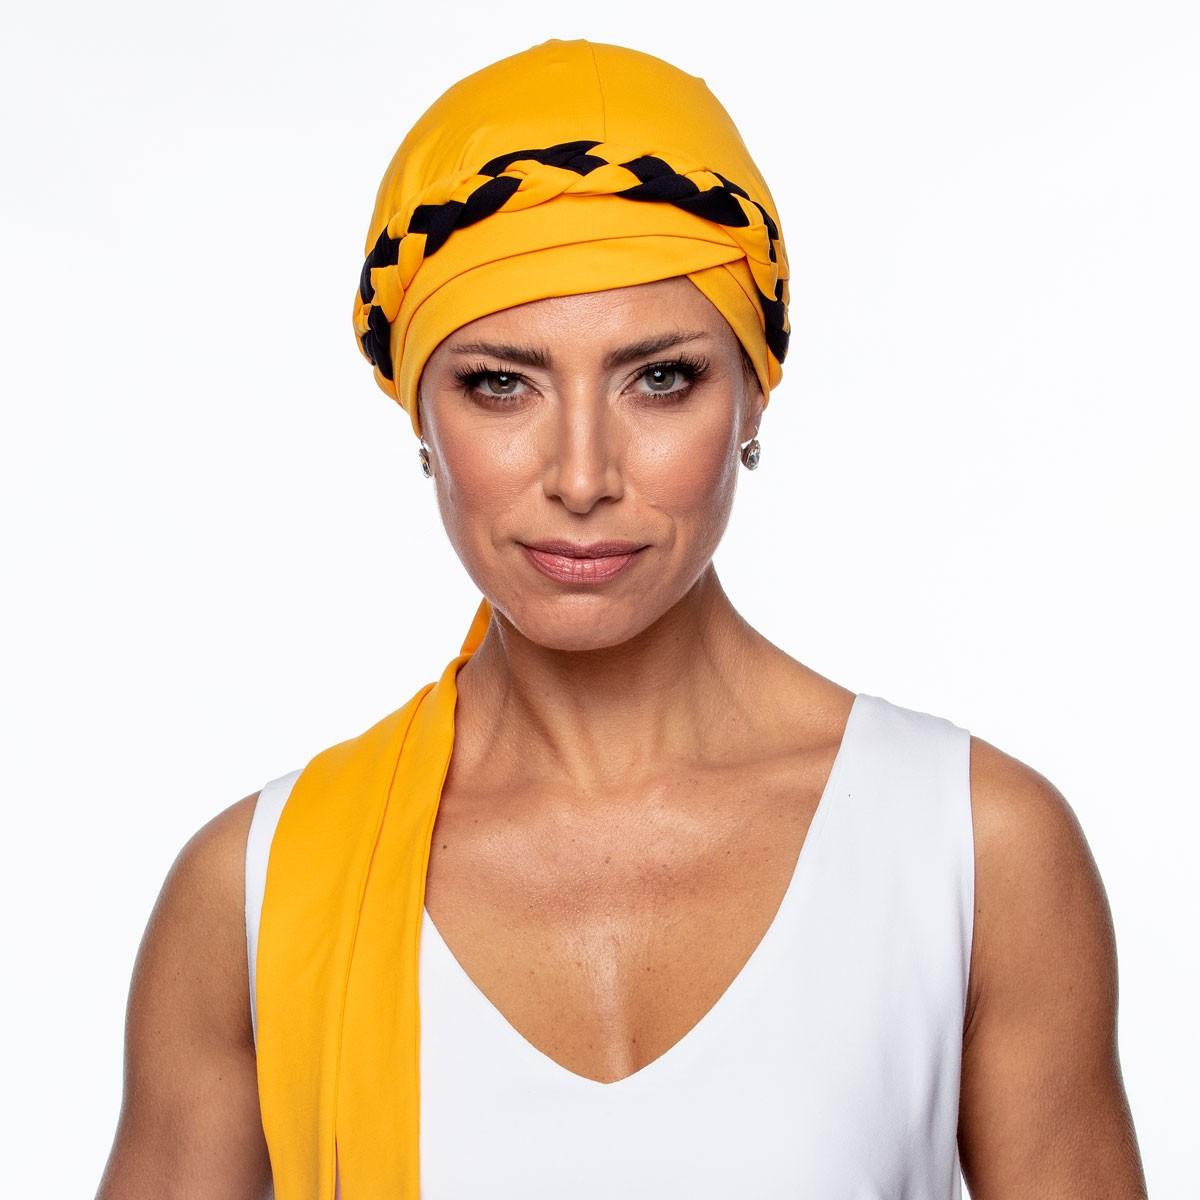 Turbante Feminino Trançado Giovanna Amarelo com Preto